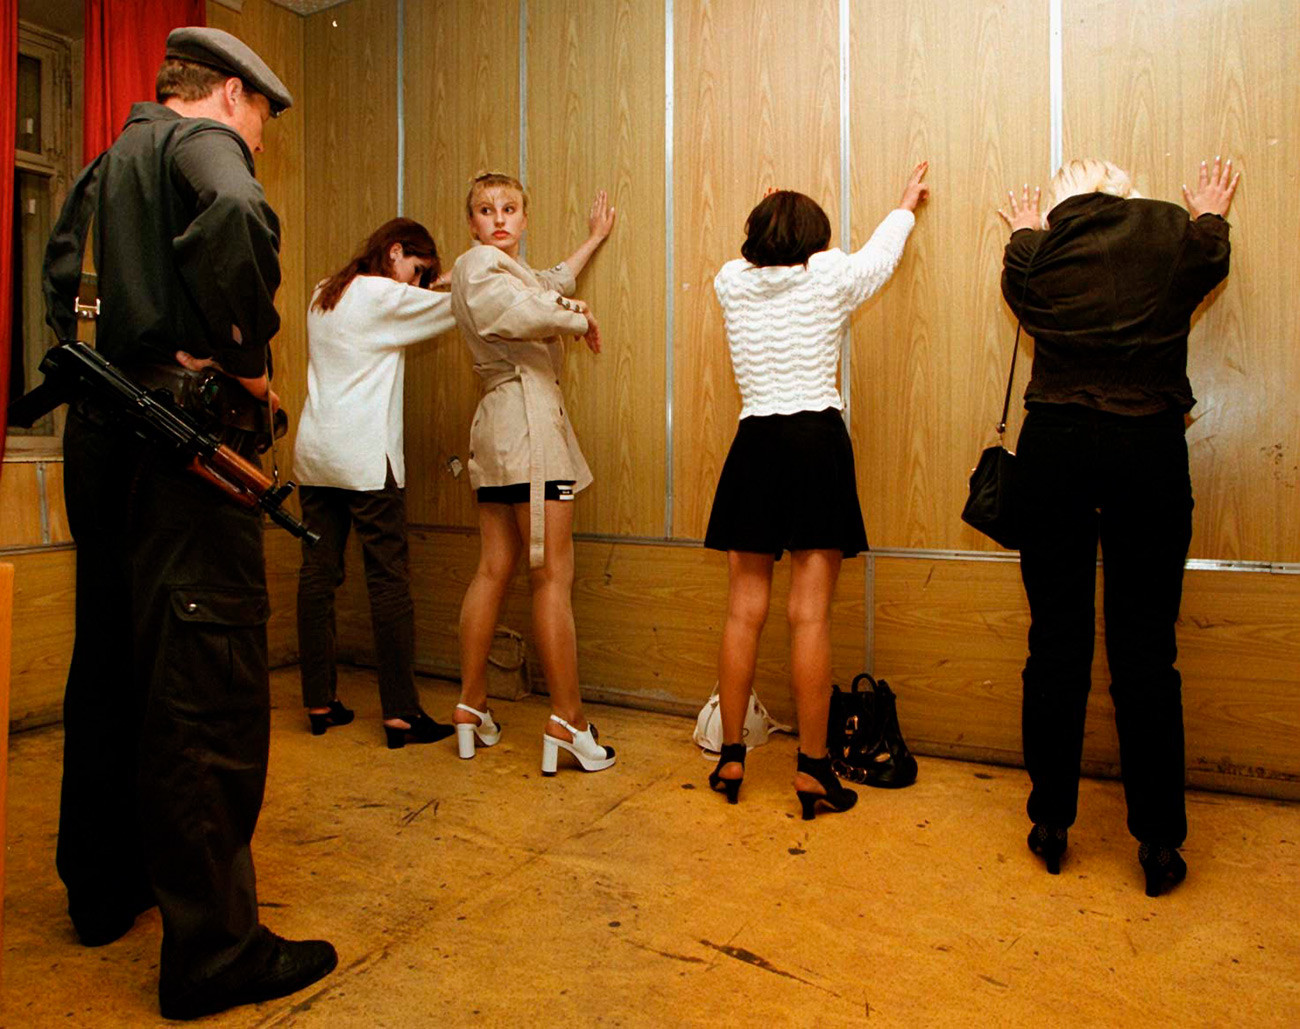 警察による抜き打ち検査で売春で逮捕された4人の女性